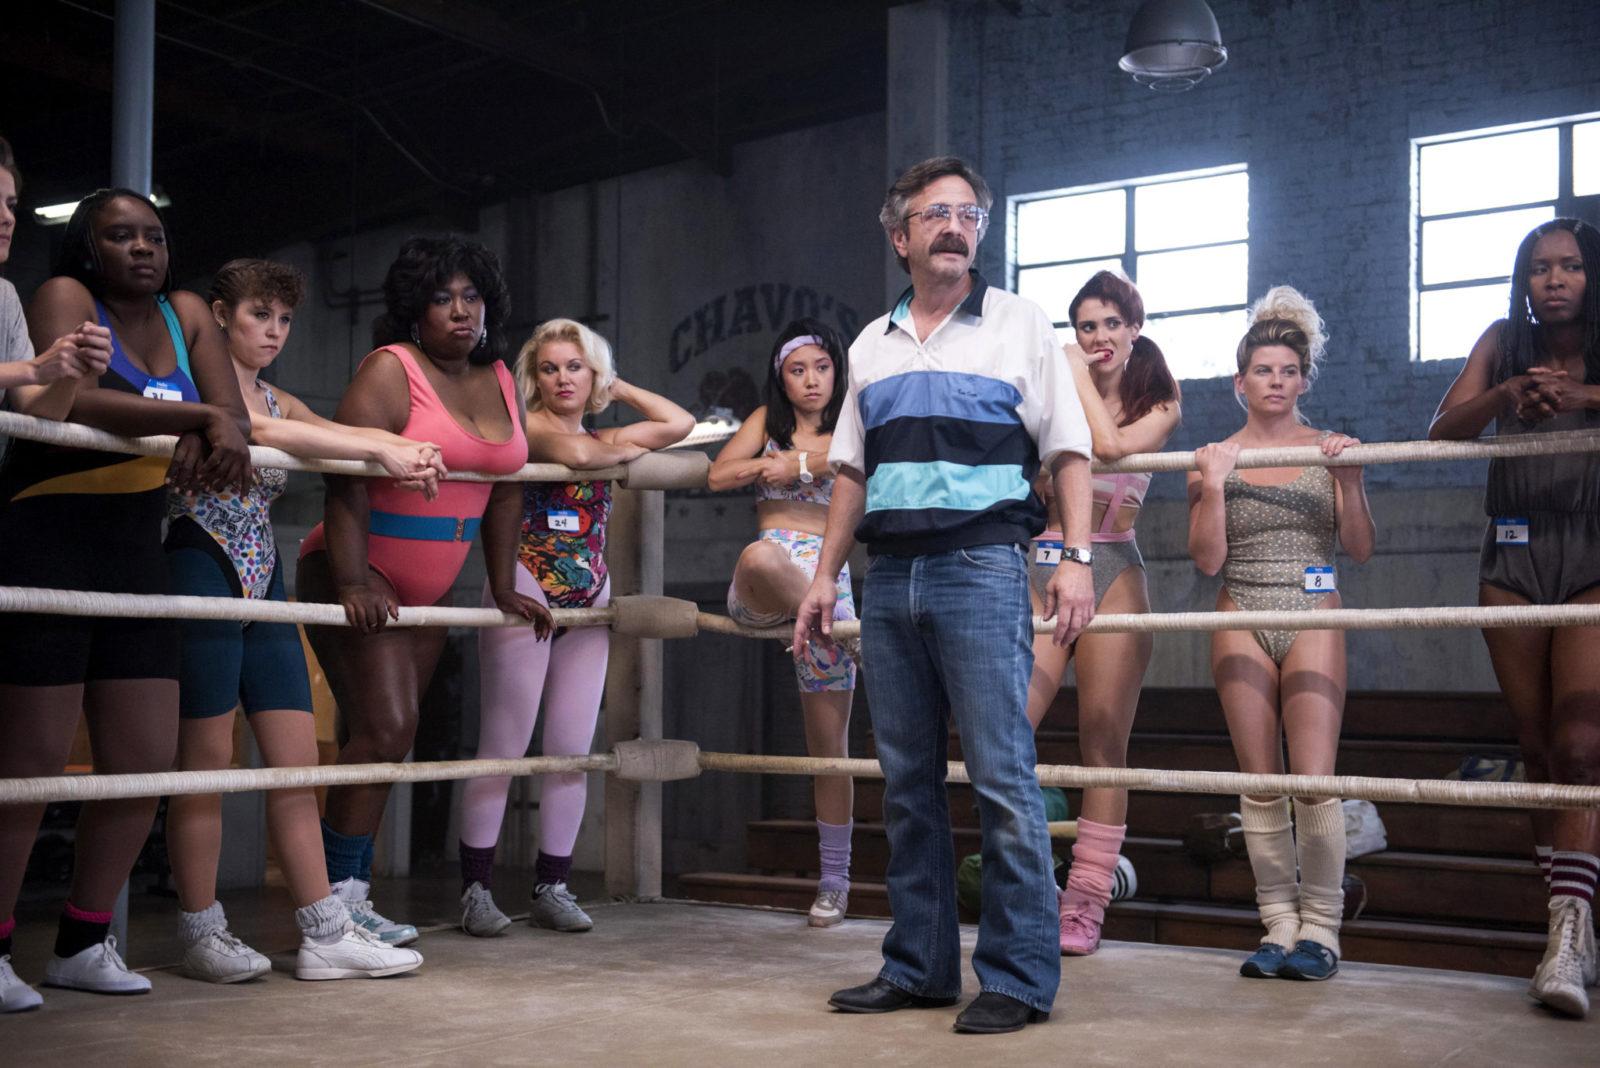 Dziewczyny stojące dookoła ringu, a na